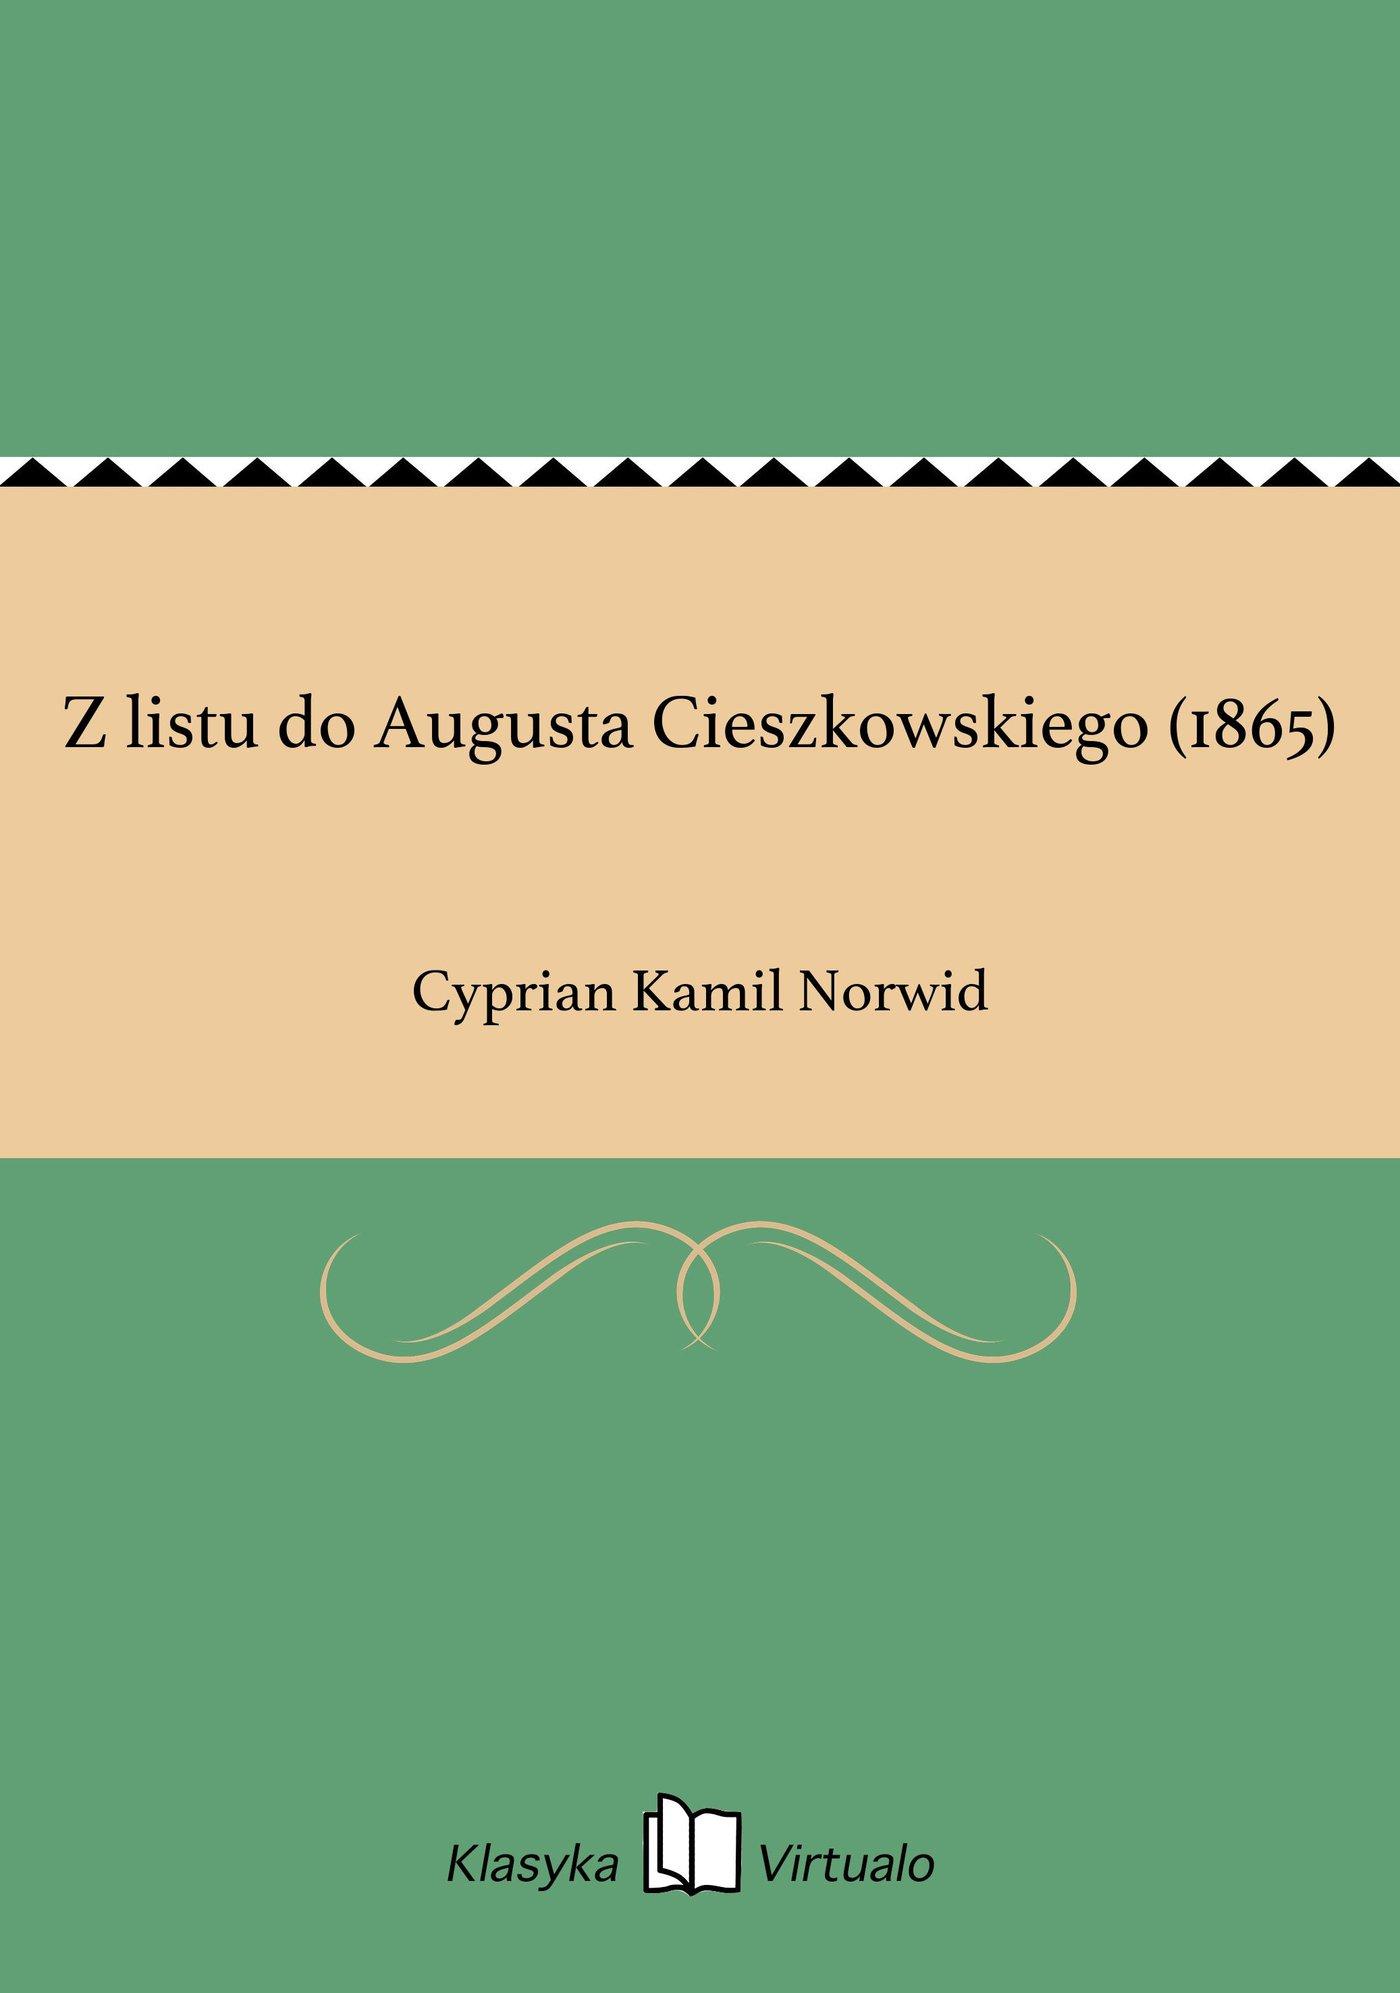 Z listu do Augusta Cieszkowskiego (1865) - Ebook (Książka EPUB) do pobrania w formacie EPUB